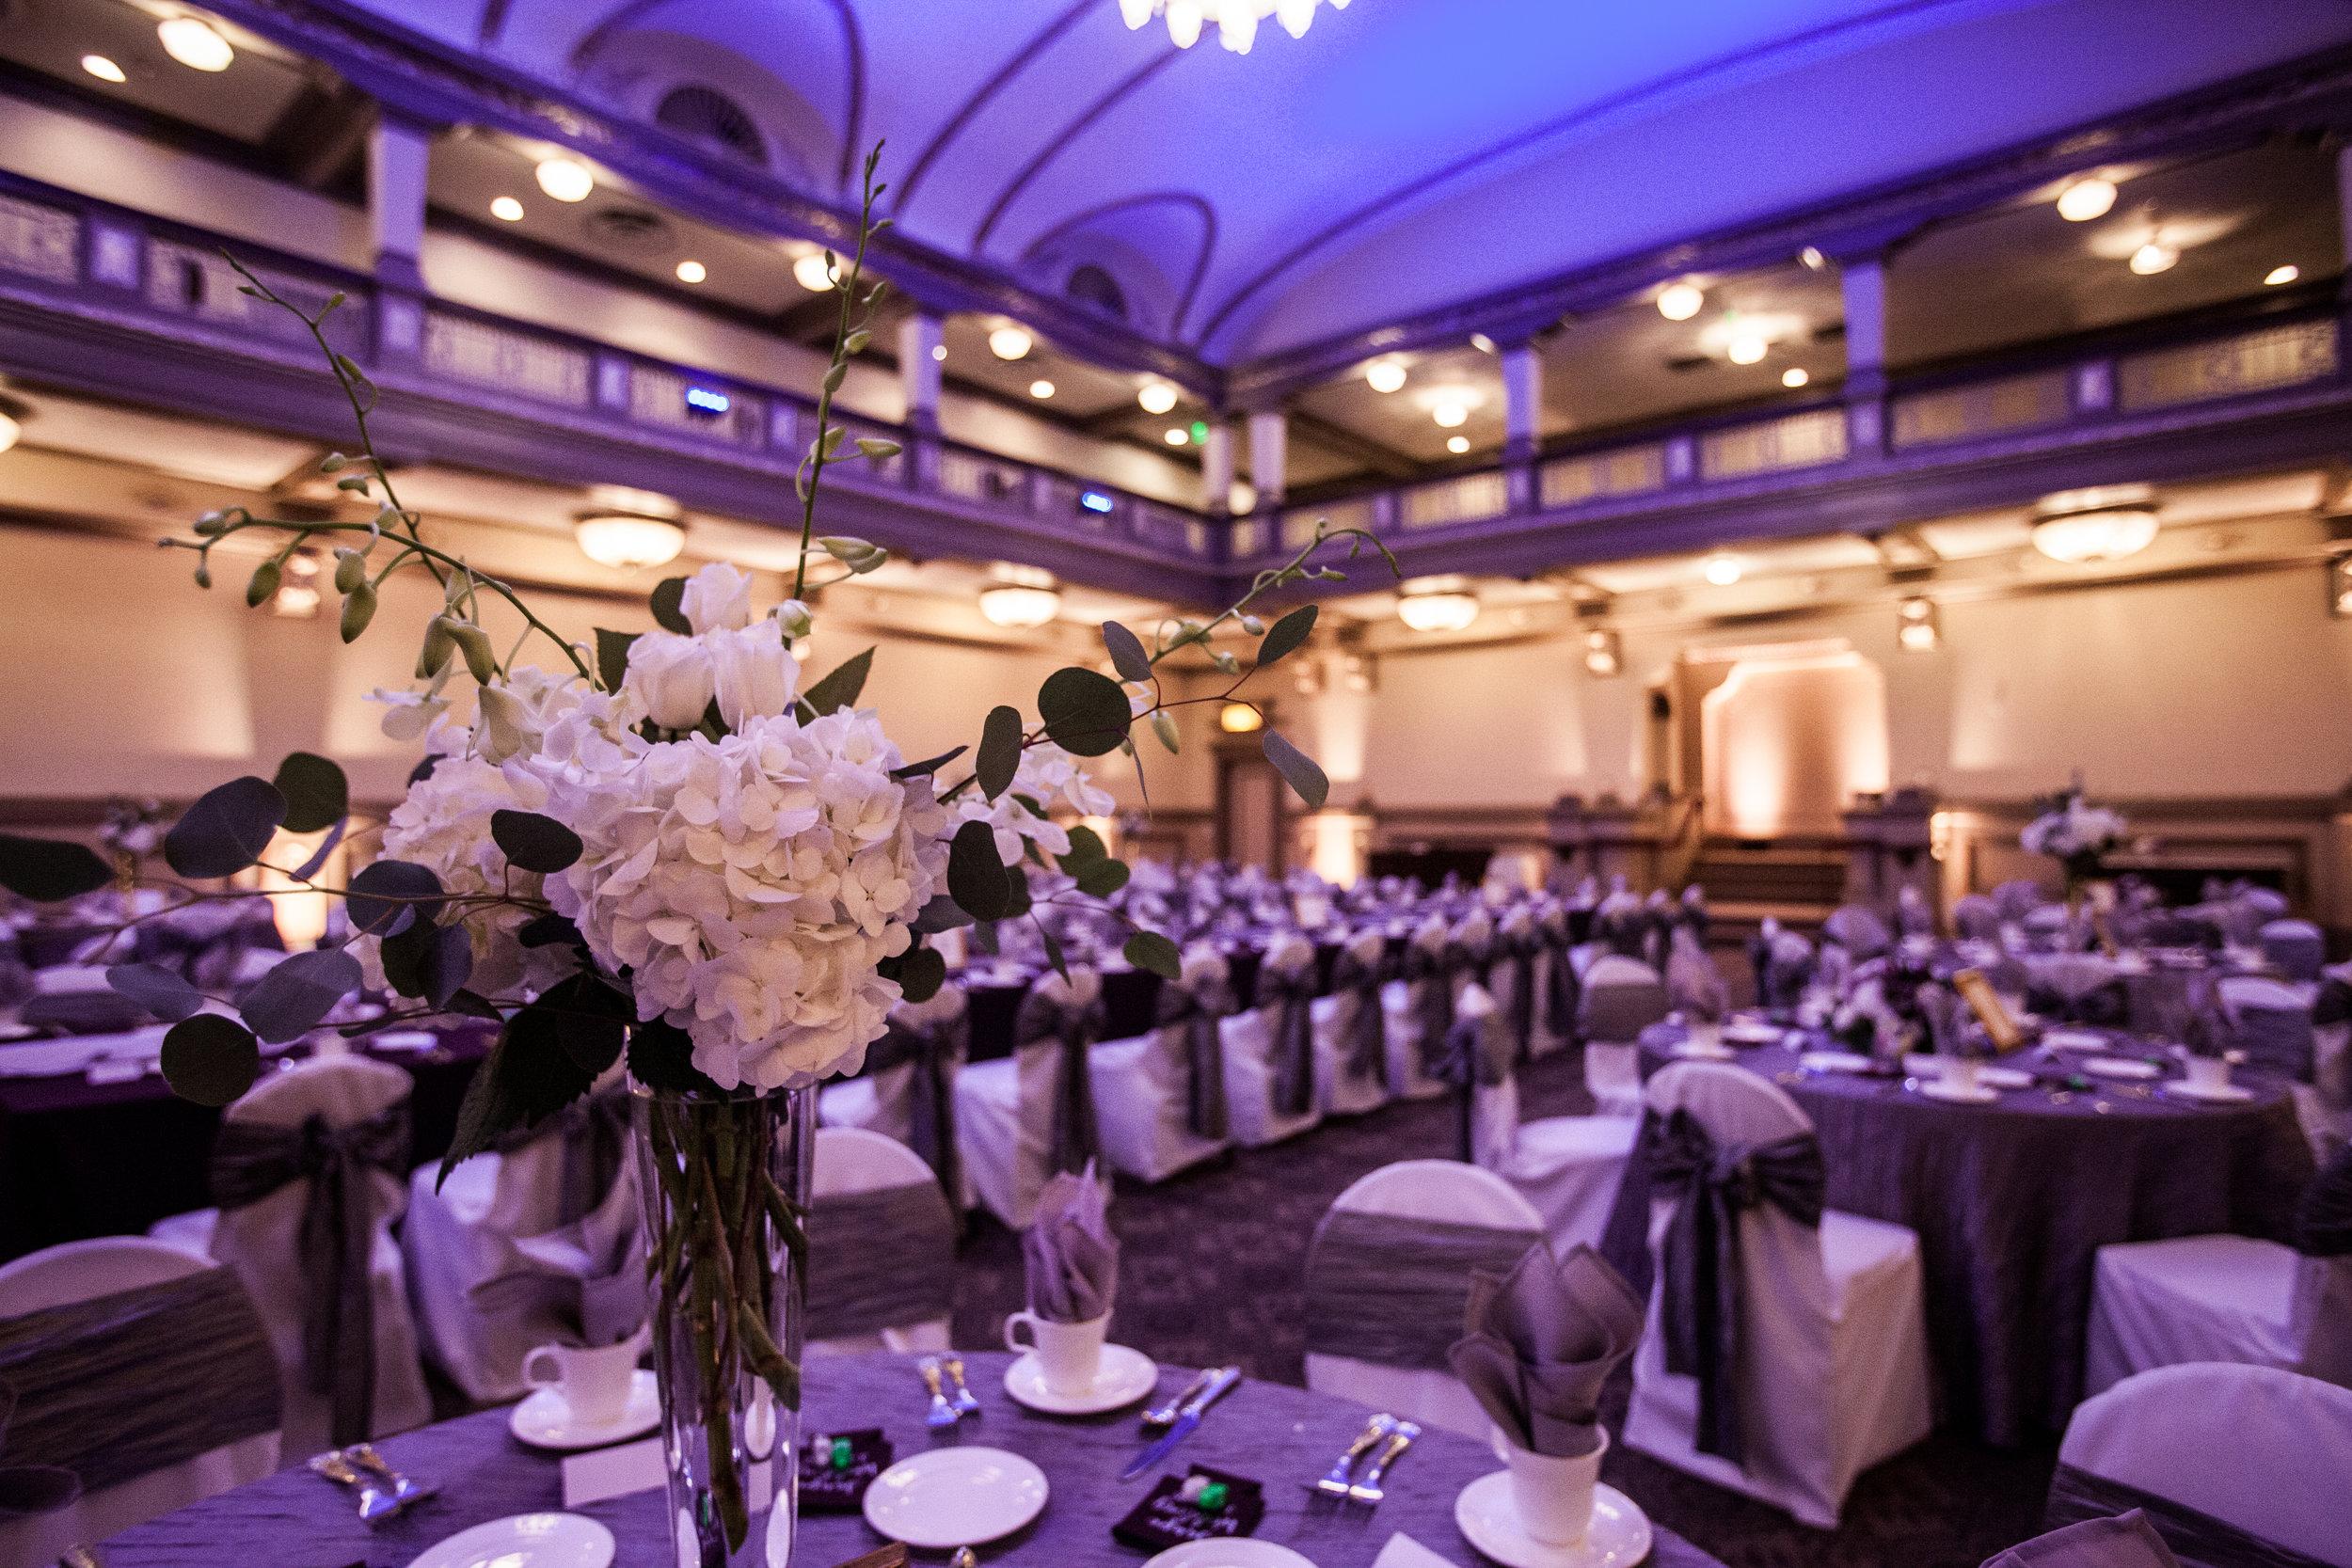 John-Marshall-Ballrooms-Uplighting-Reception.jpg